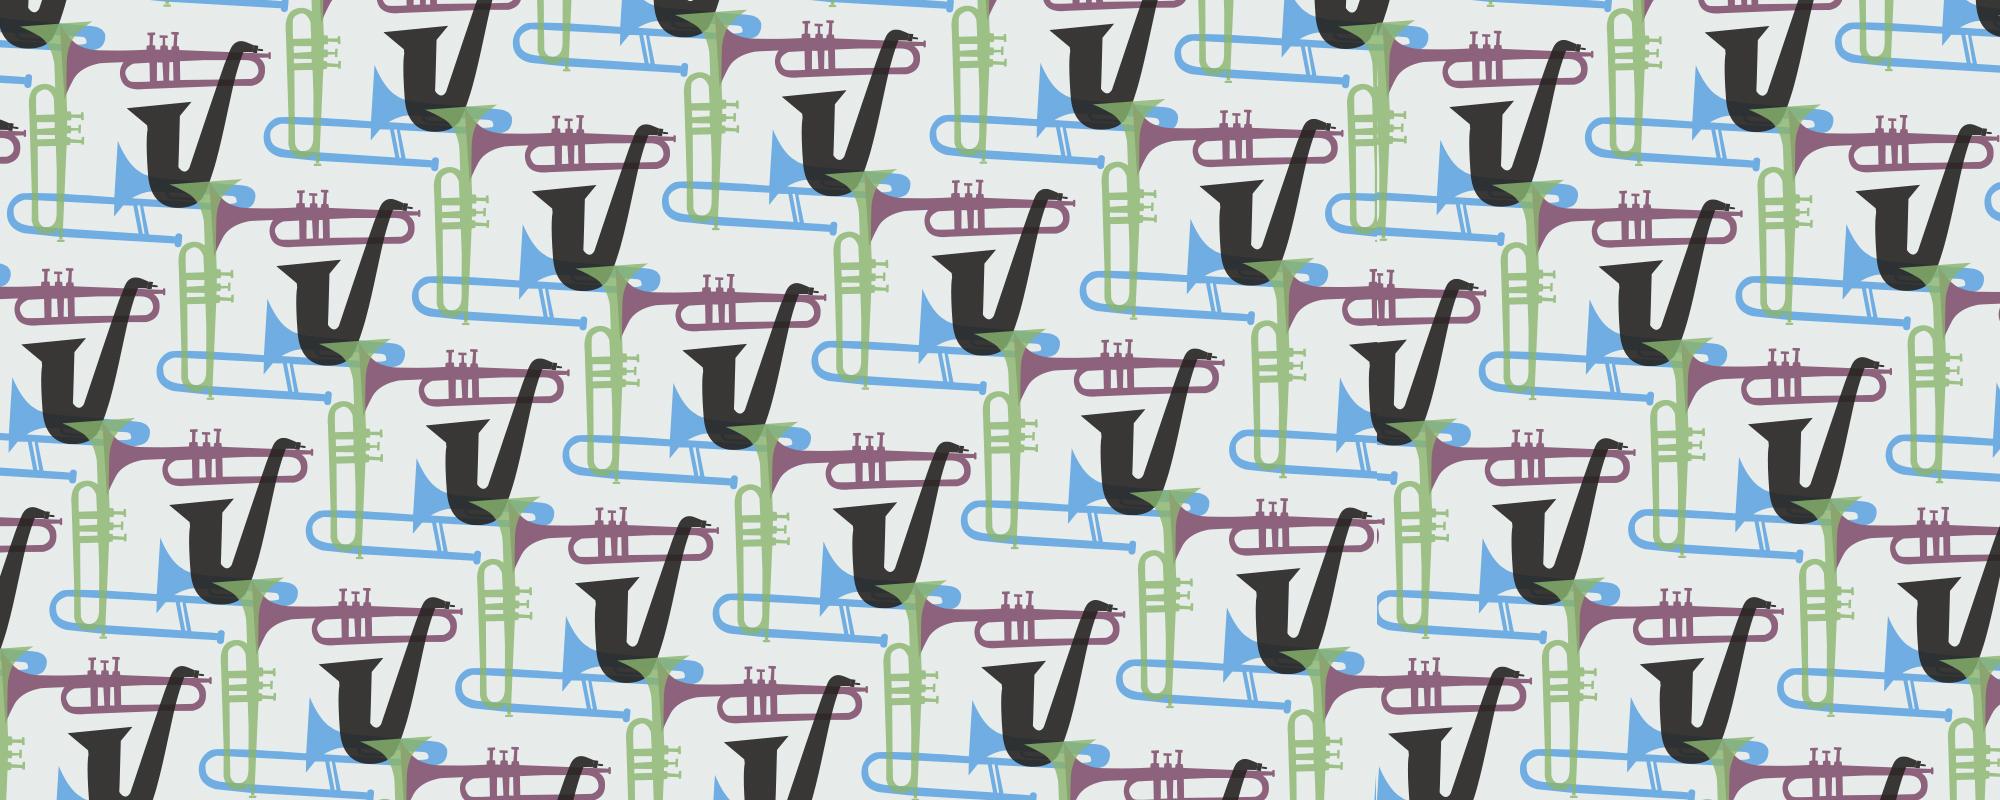 Papier peint motif graphique musical Chet